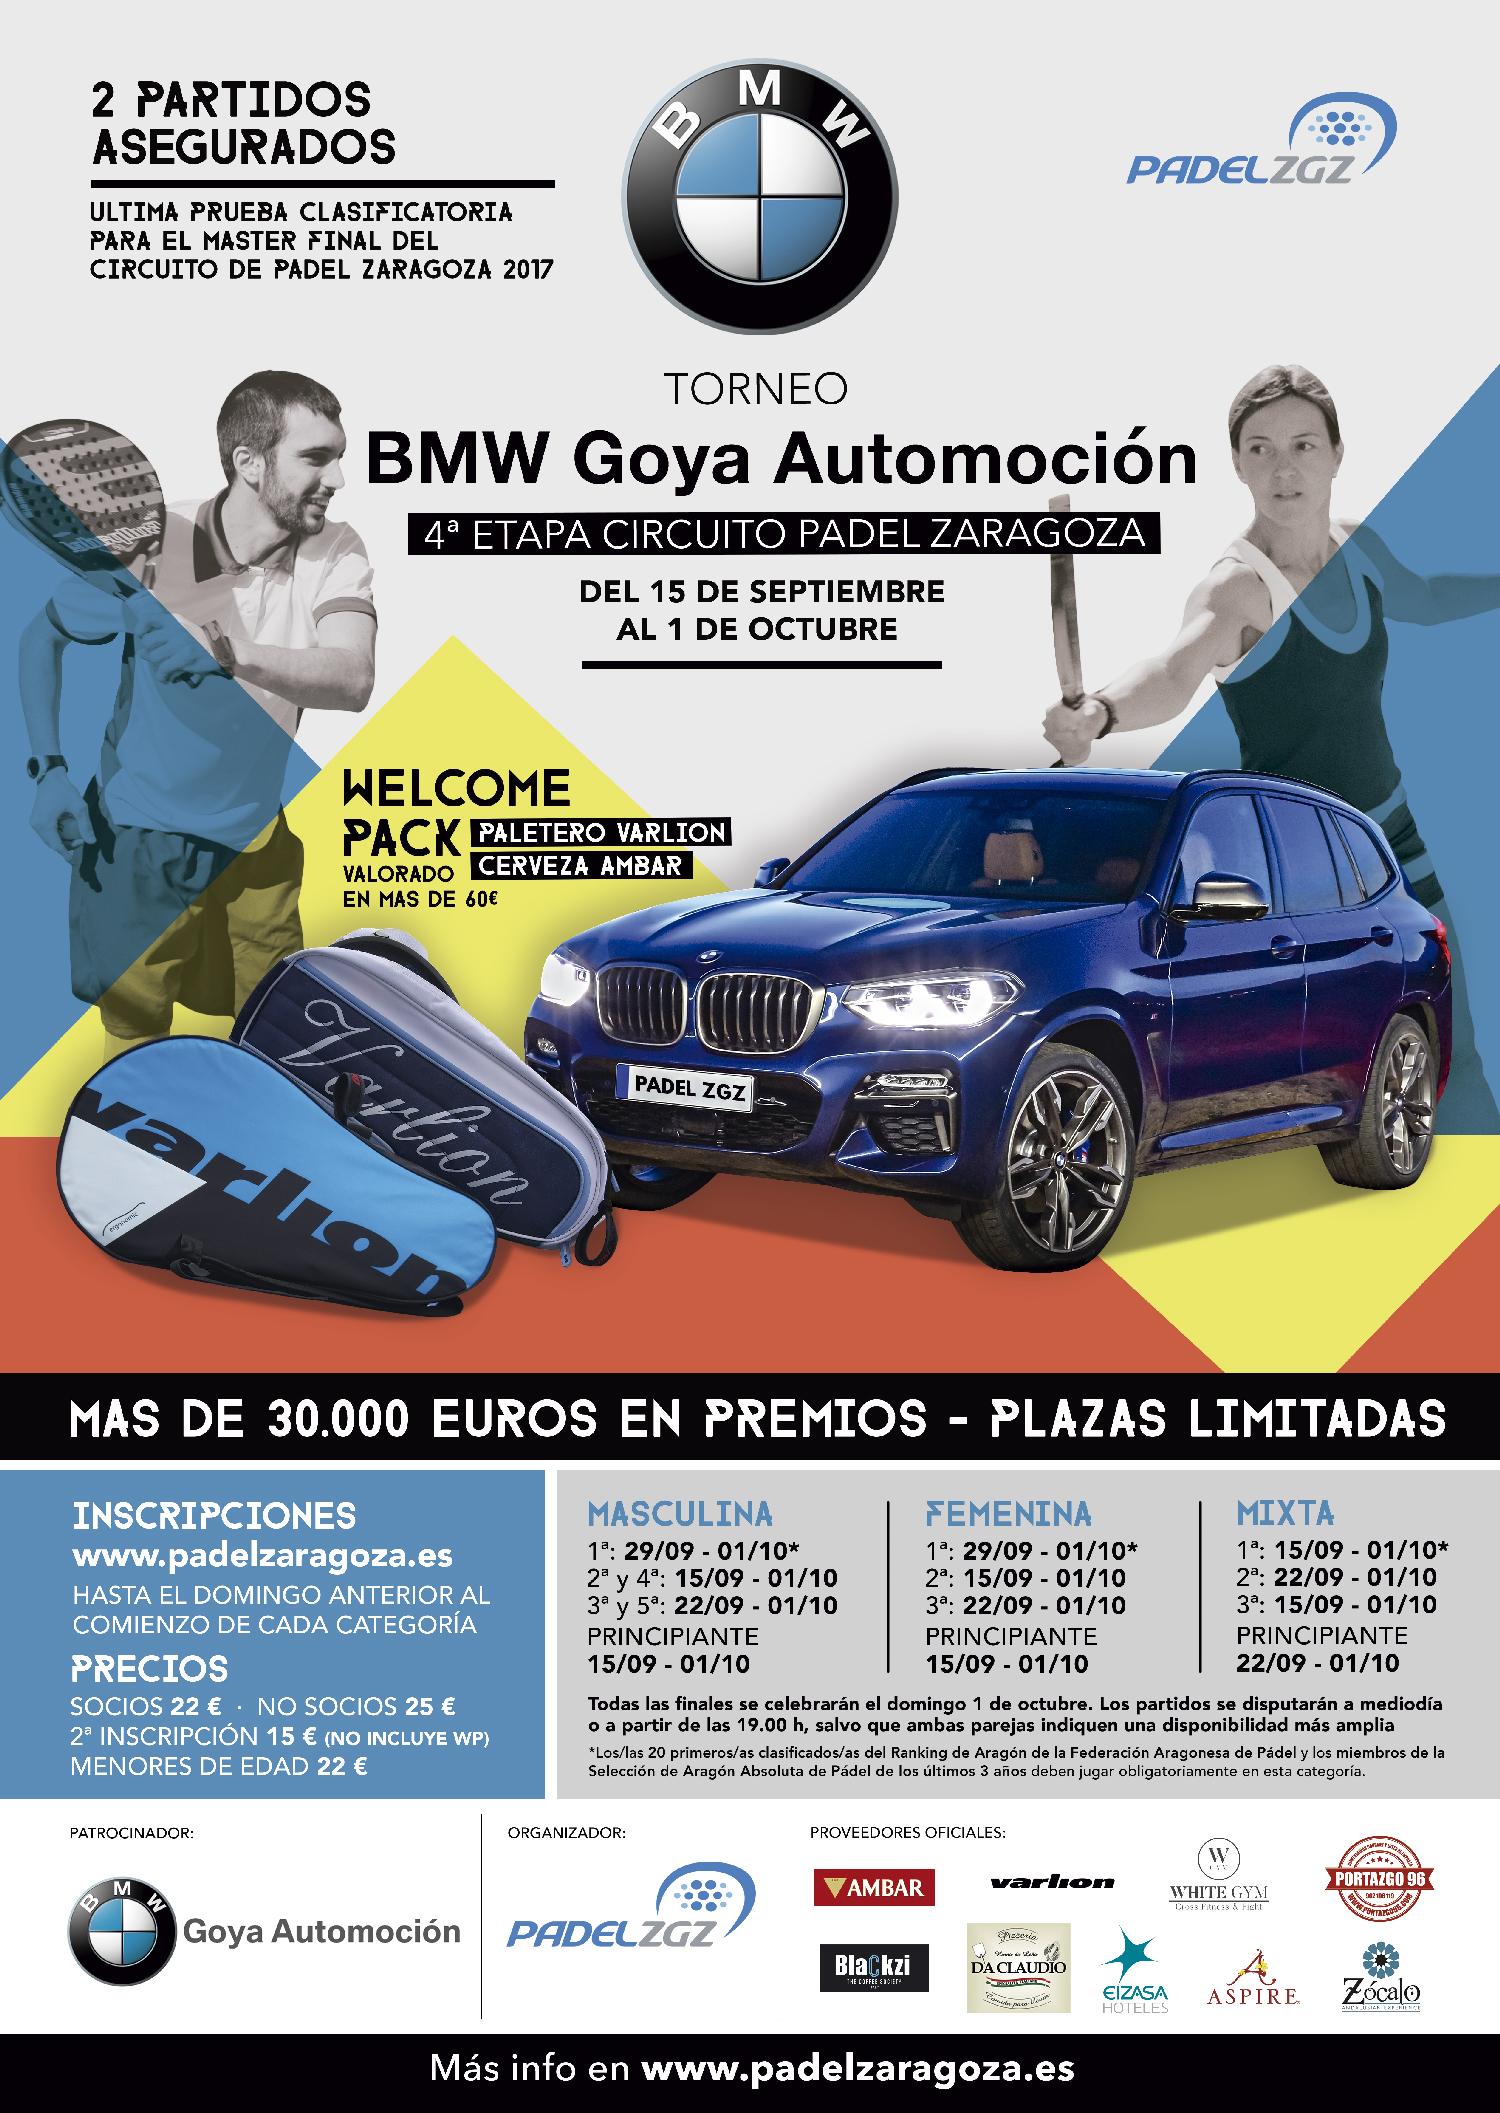 Torneo-BMW-Goya-Automoción